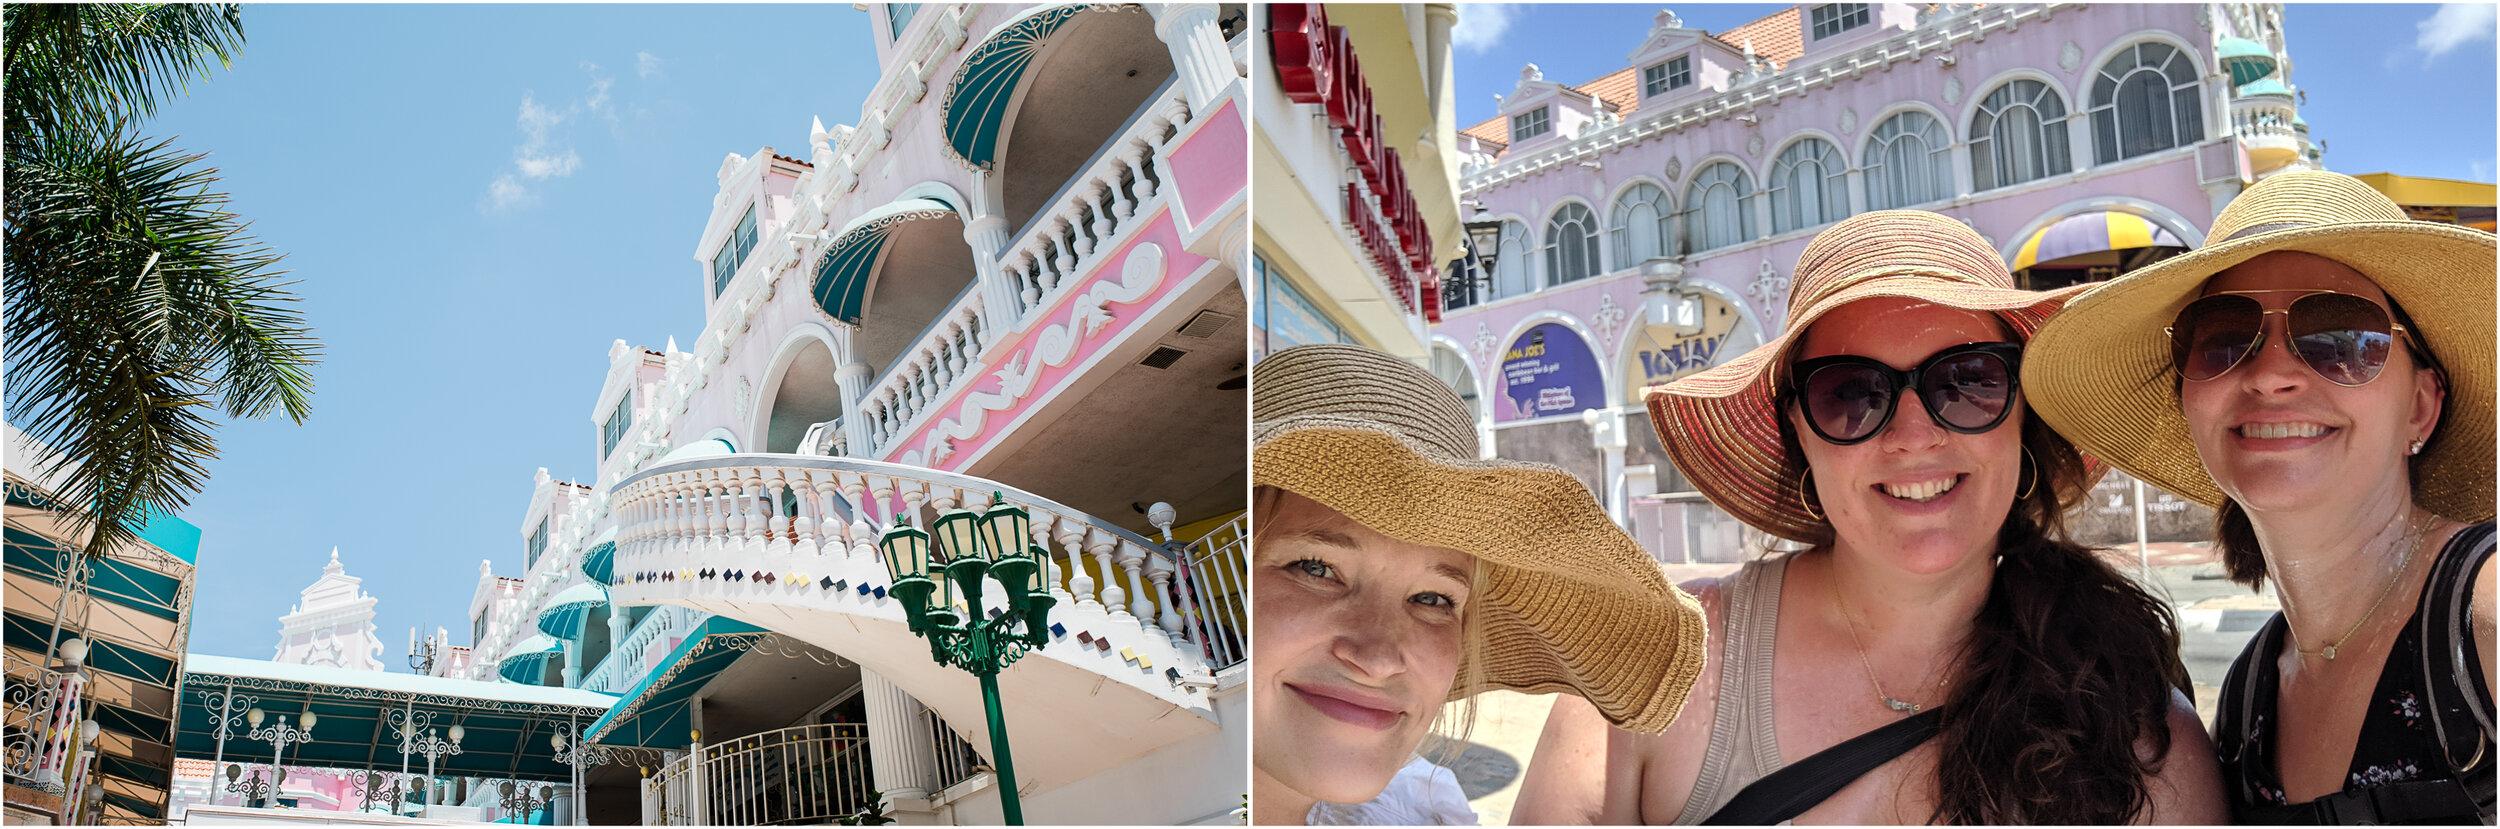 Orinjestead Aruba.jpg